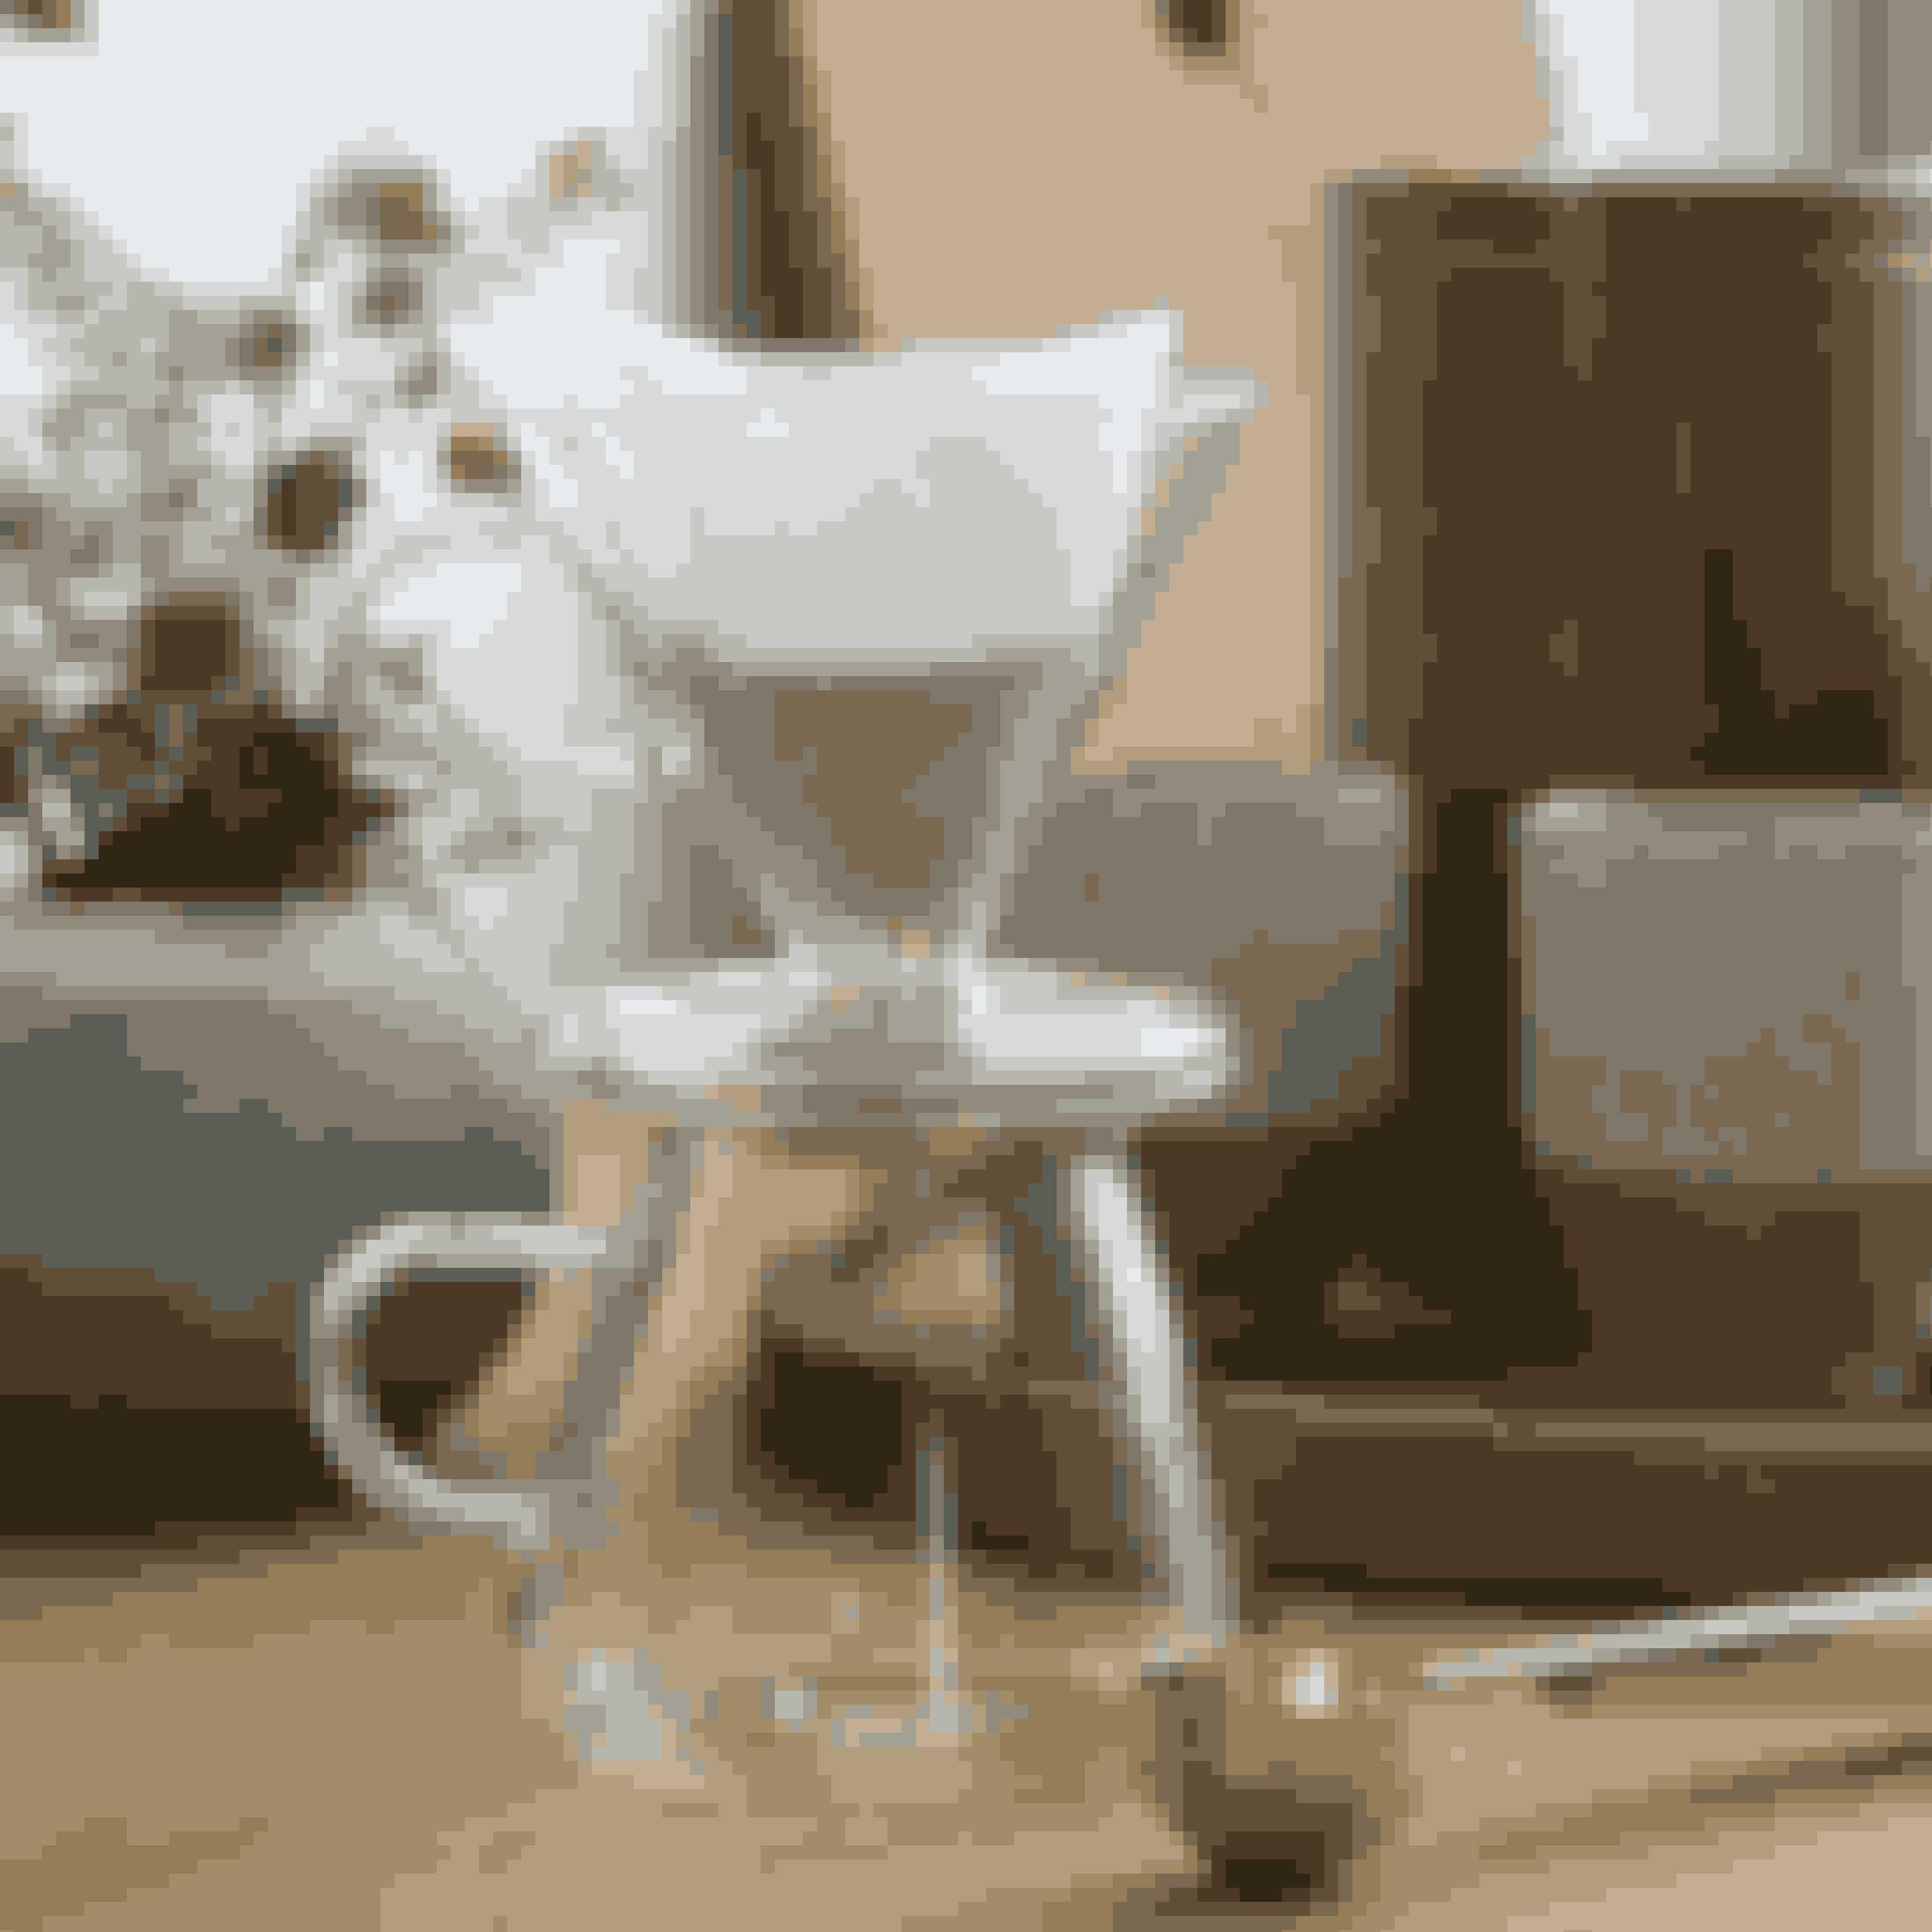 Lækker minimalistik og moderne kaffebrygger. Kaffebryggeren er fin i sig selv, så du sagtens kan sætte den frem, når du har gæster.Kaffebrygger, 78 kr.